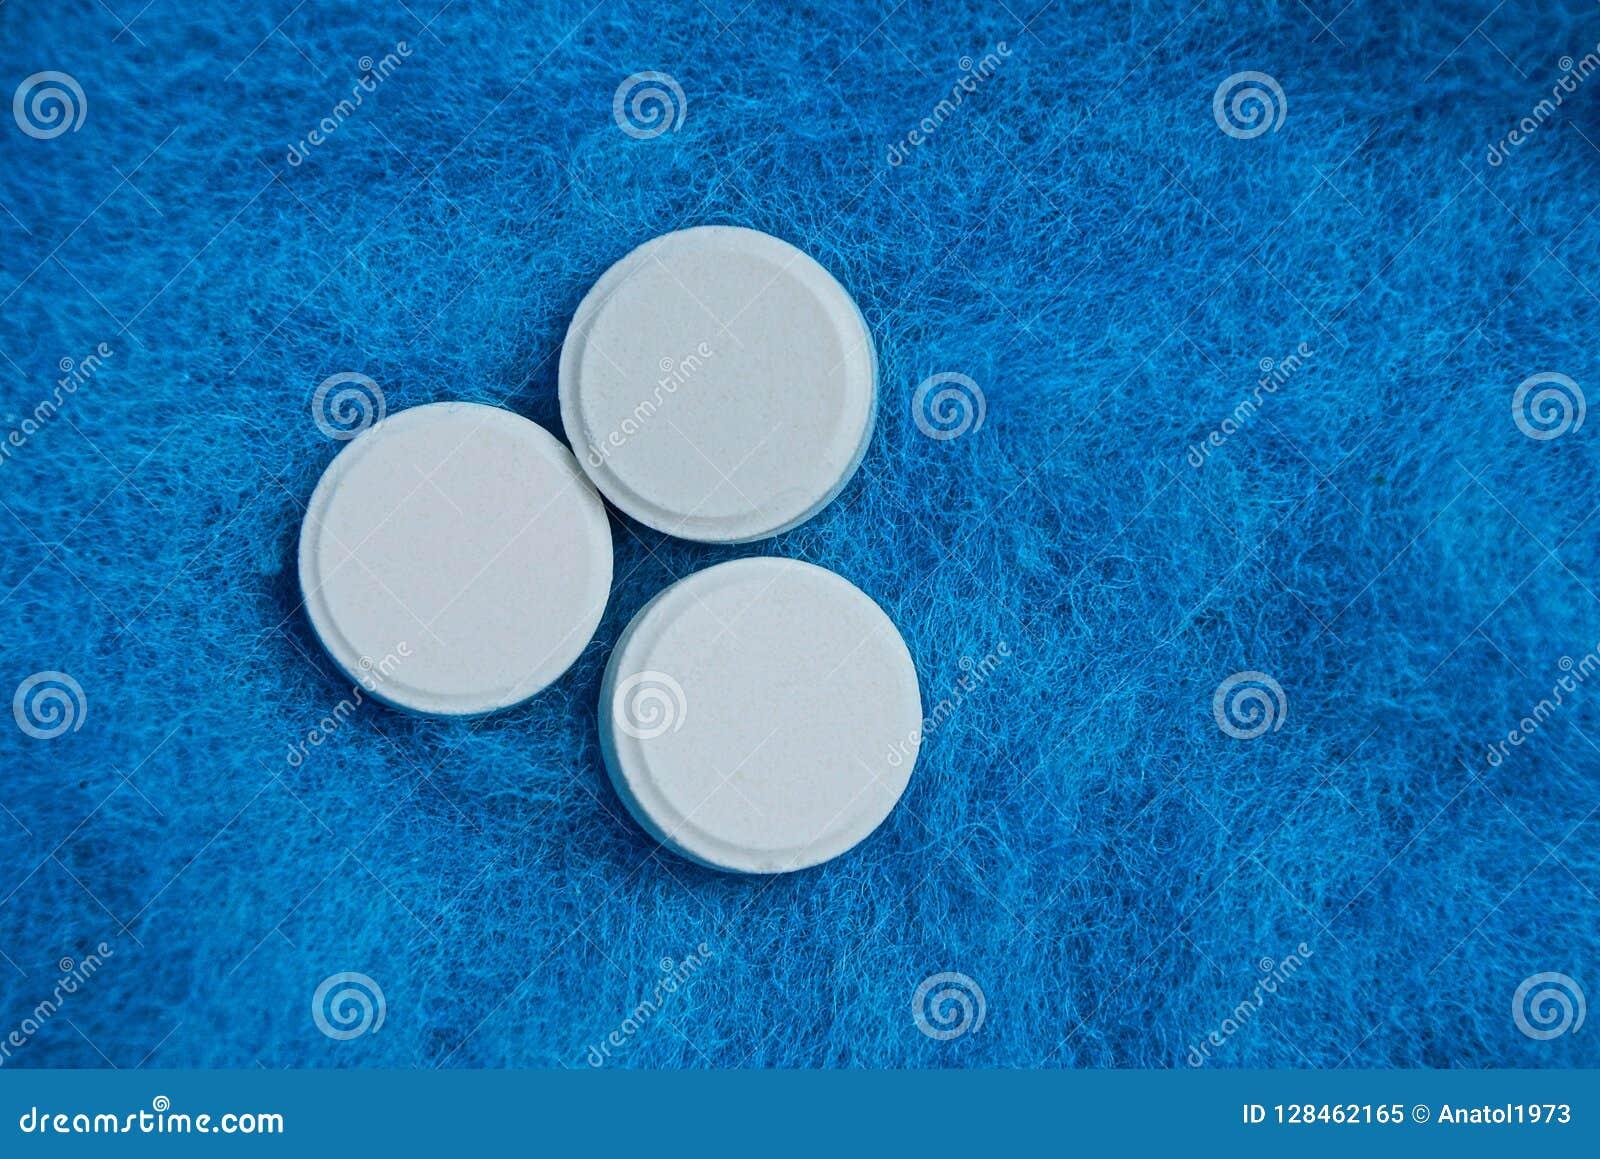 Drei weiße runde Pillen auf blauem Hintergrund des woolen Gewebes